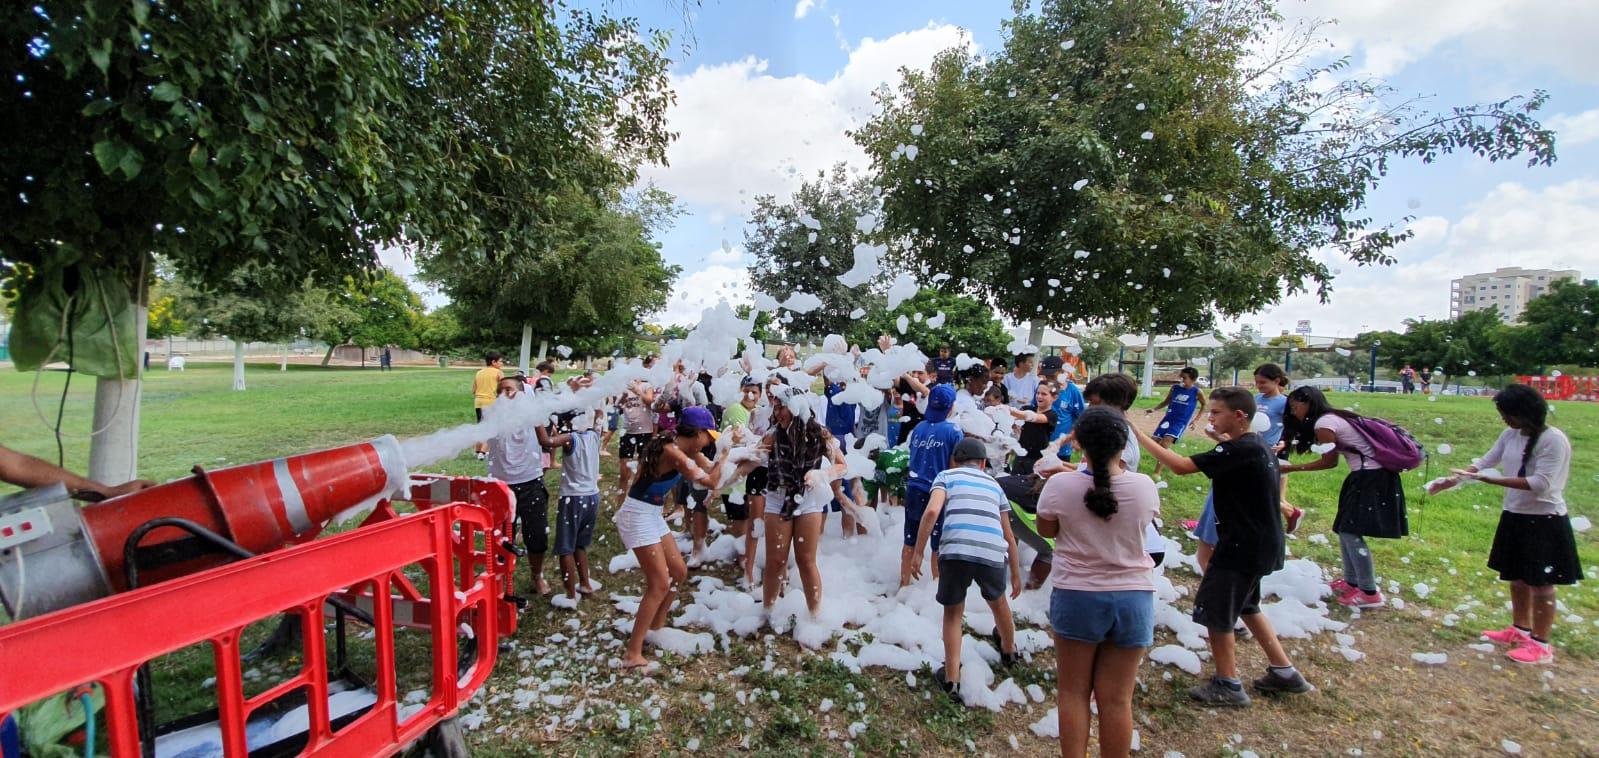 פעילות לבני נוער בפארק העירוני